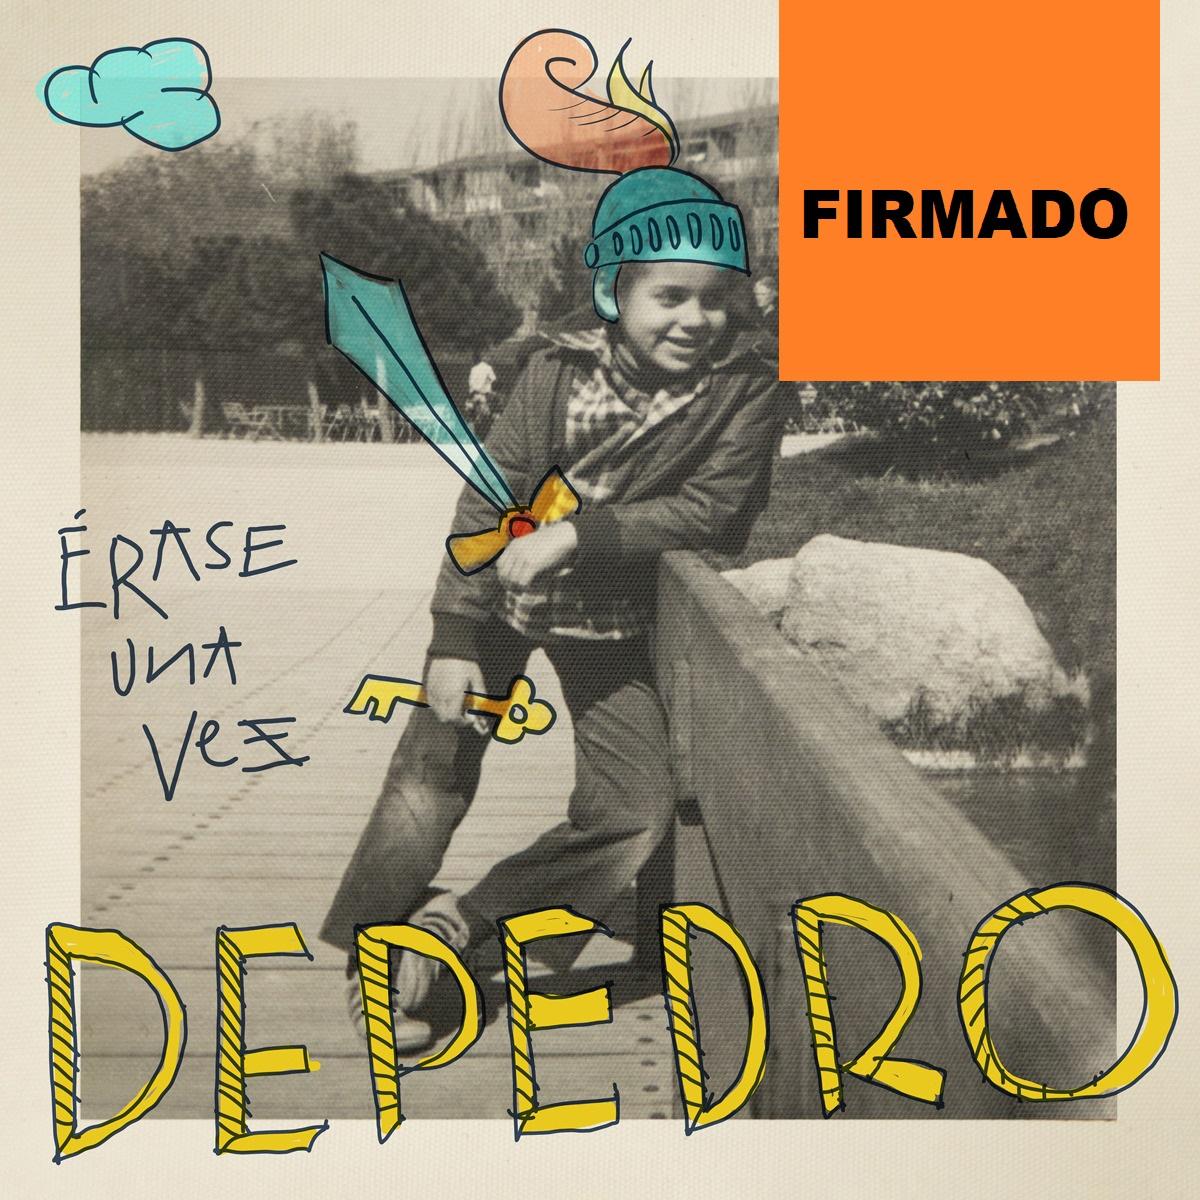 ERASE UNA VEZ -VINILO + CD FIRMADO -PREVENTA 18/11-